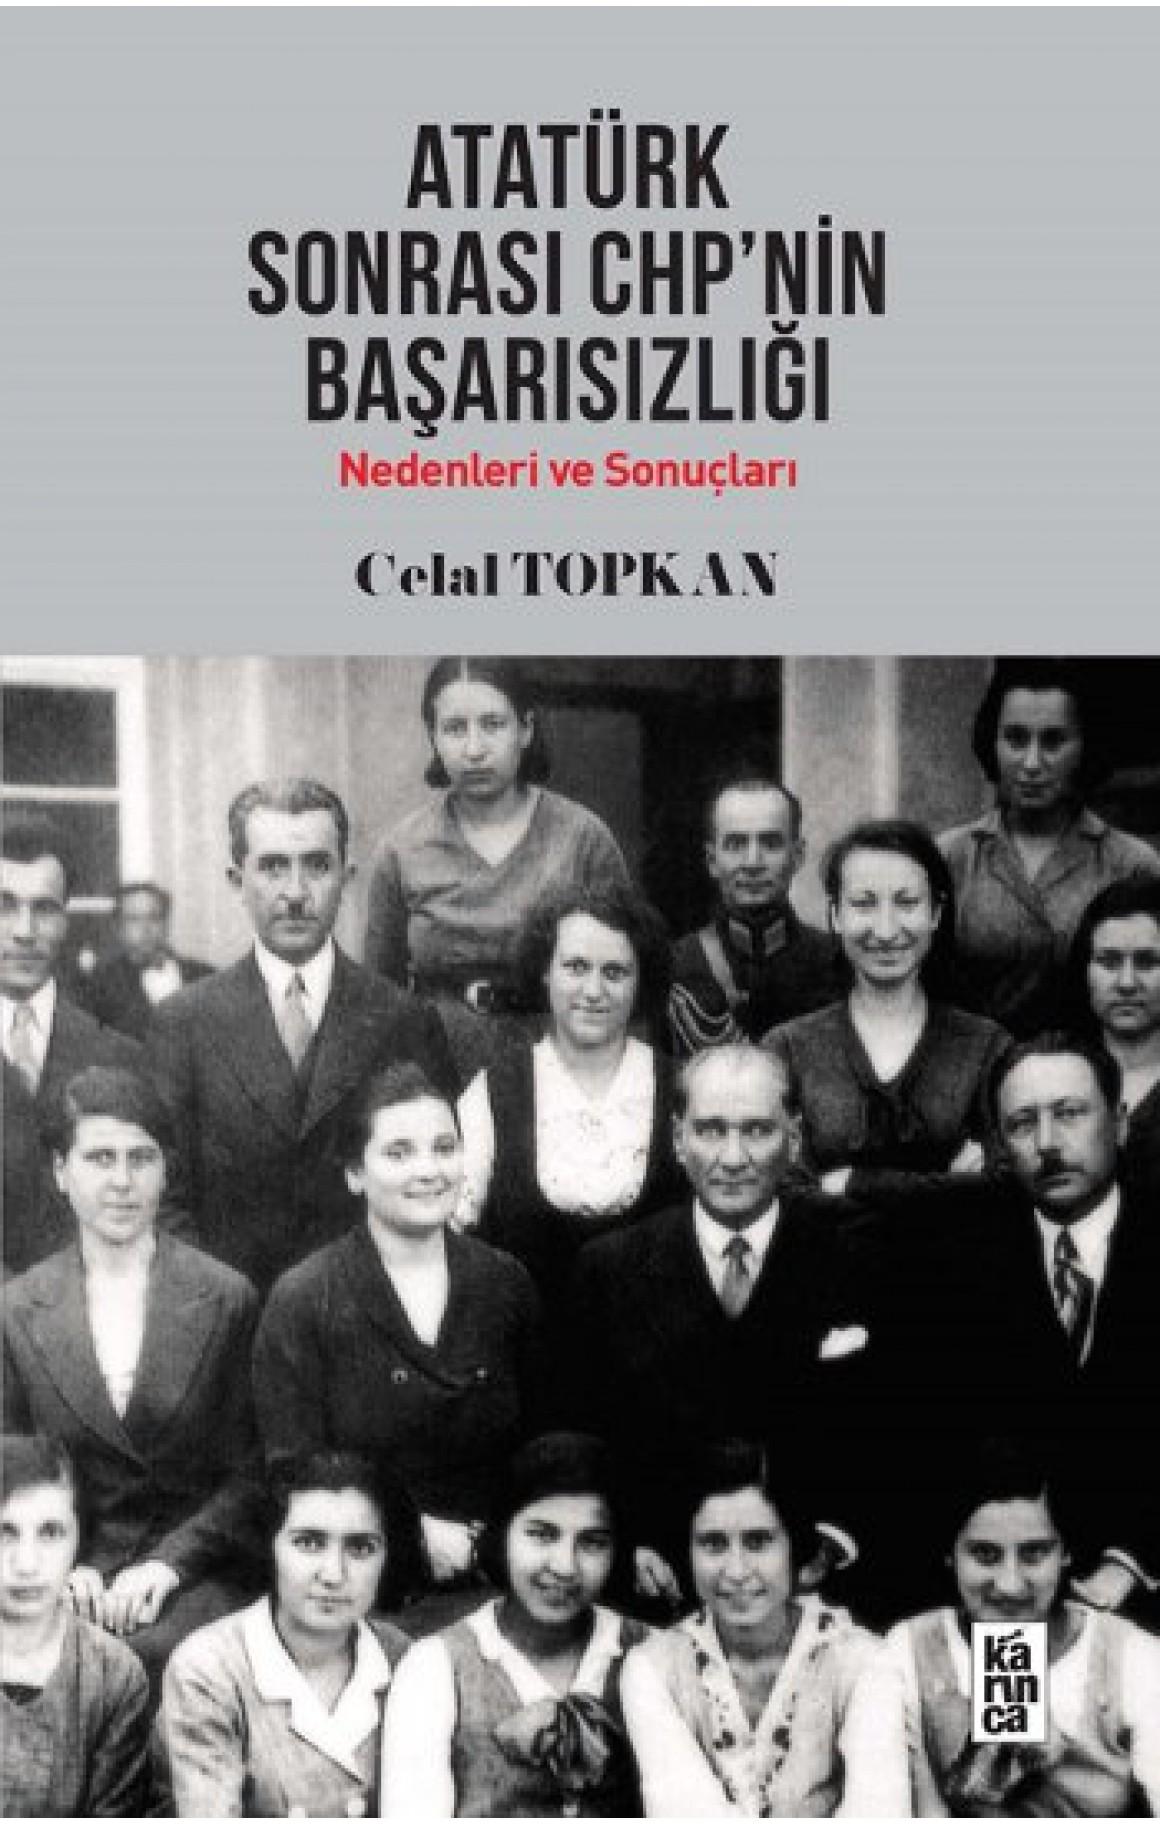 Atatürk Sonrası CHPnin Başarısızlığı